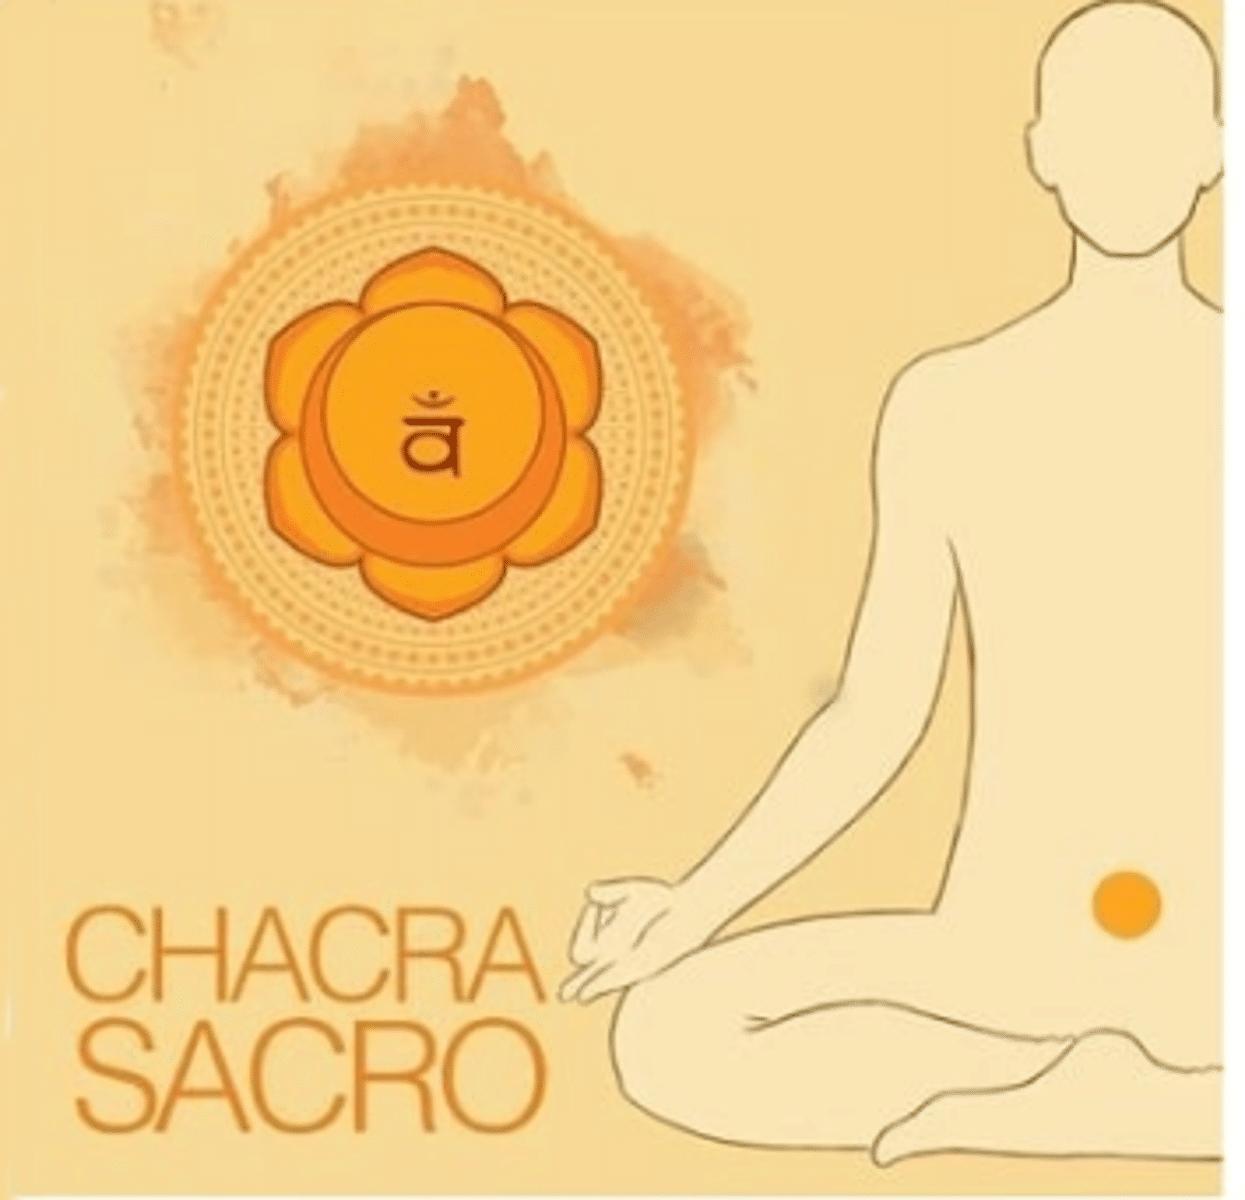 chakra sacro -1